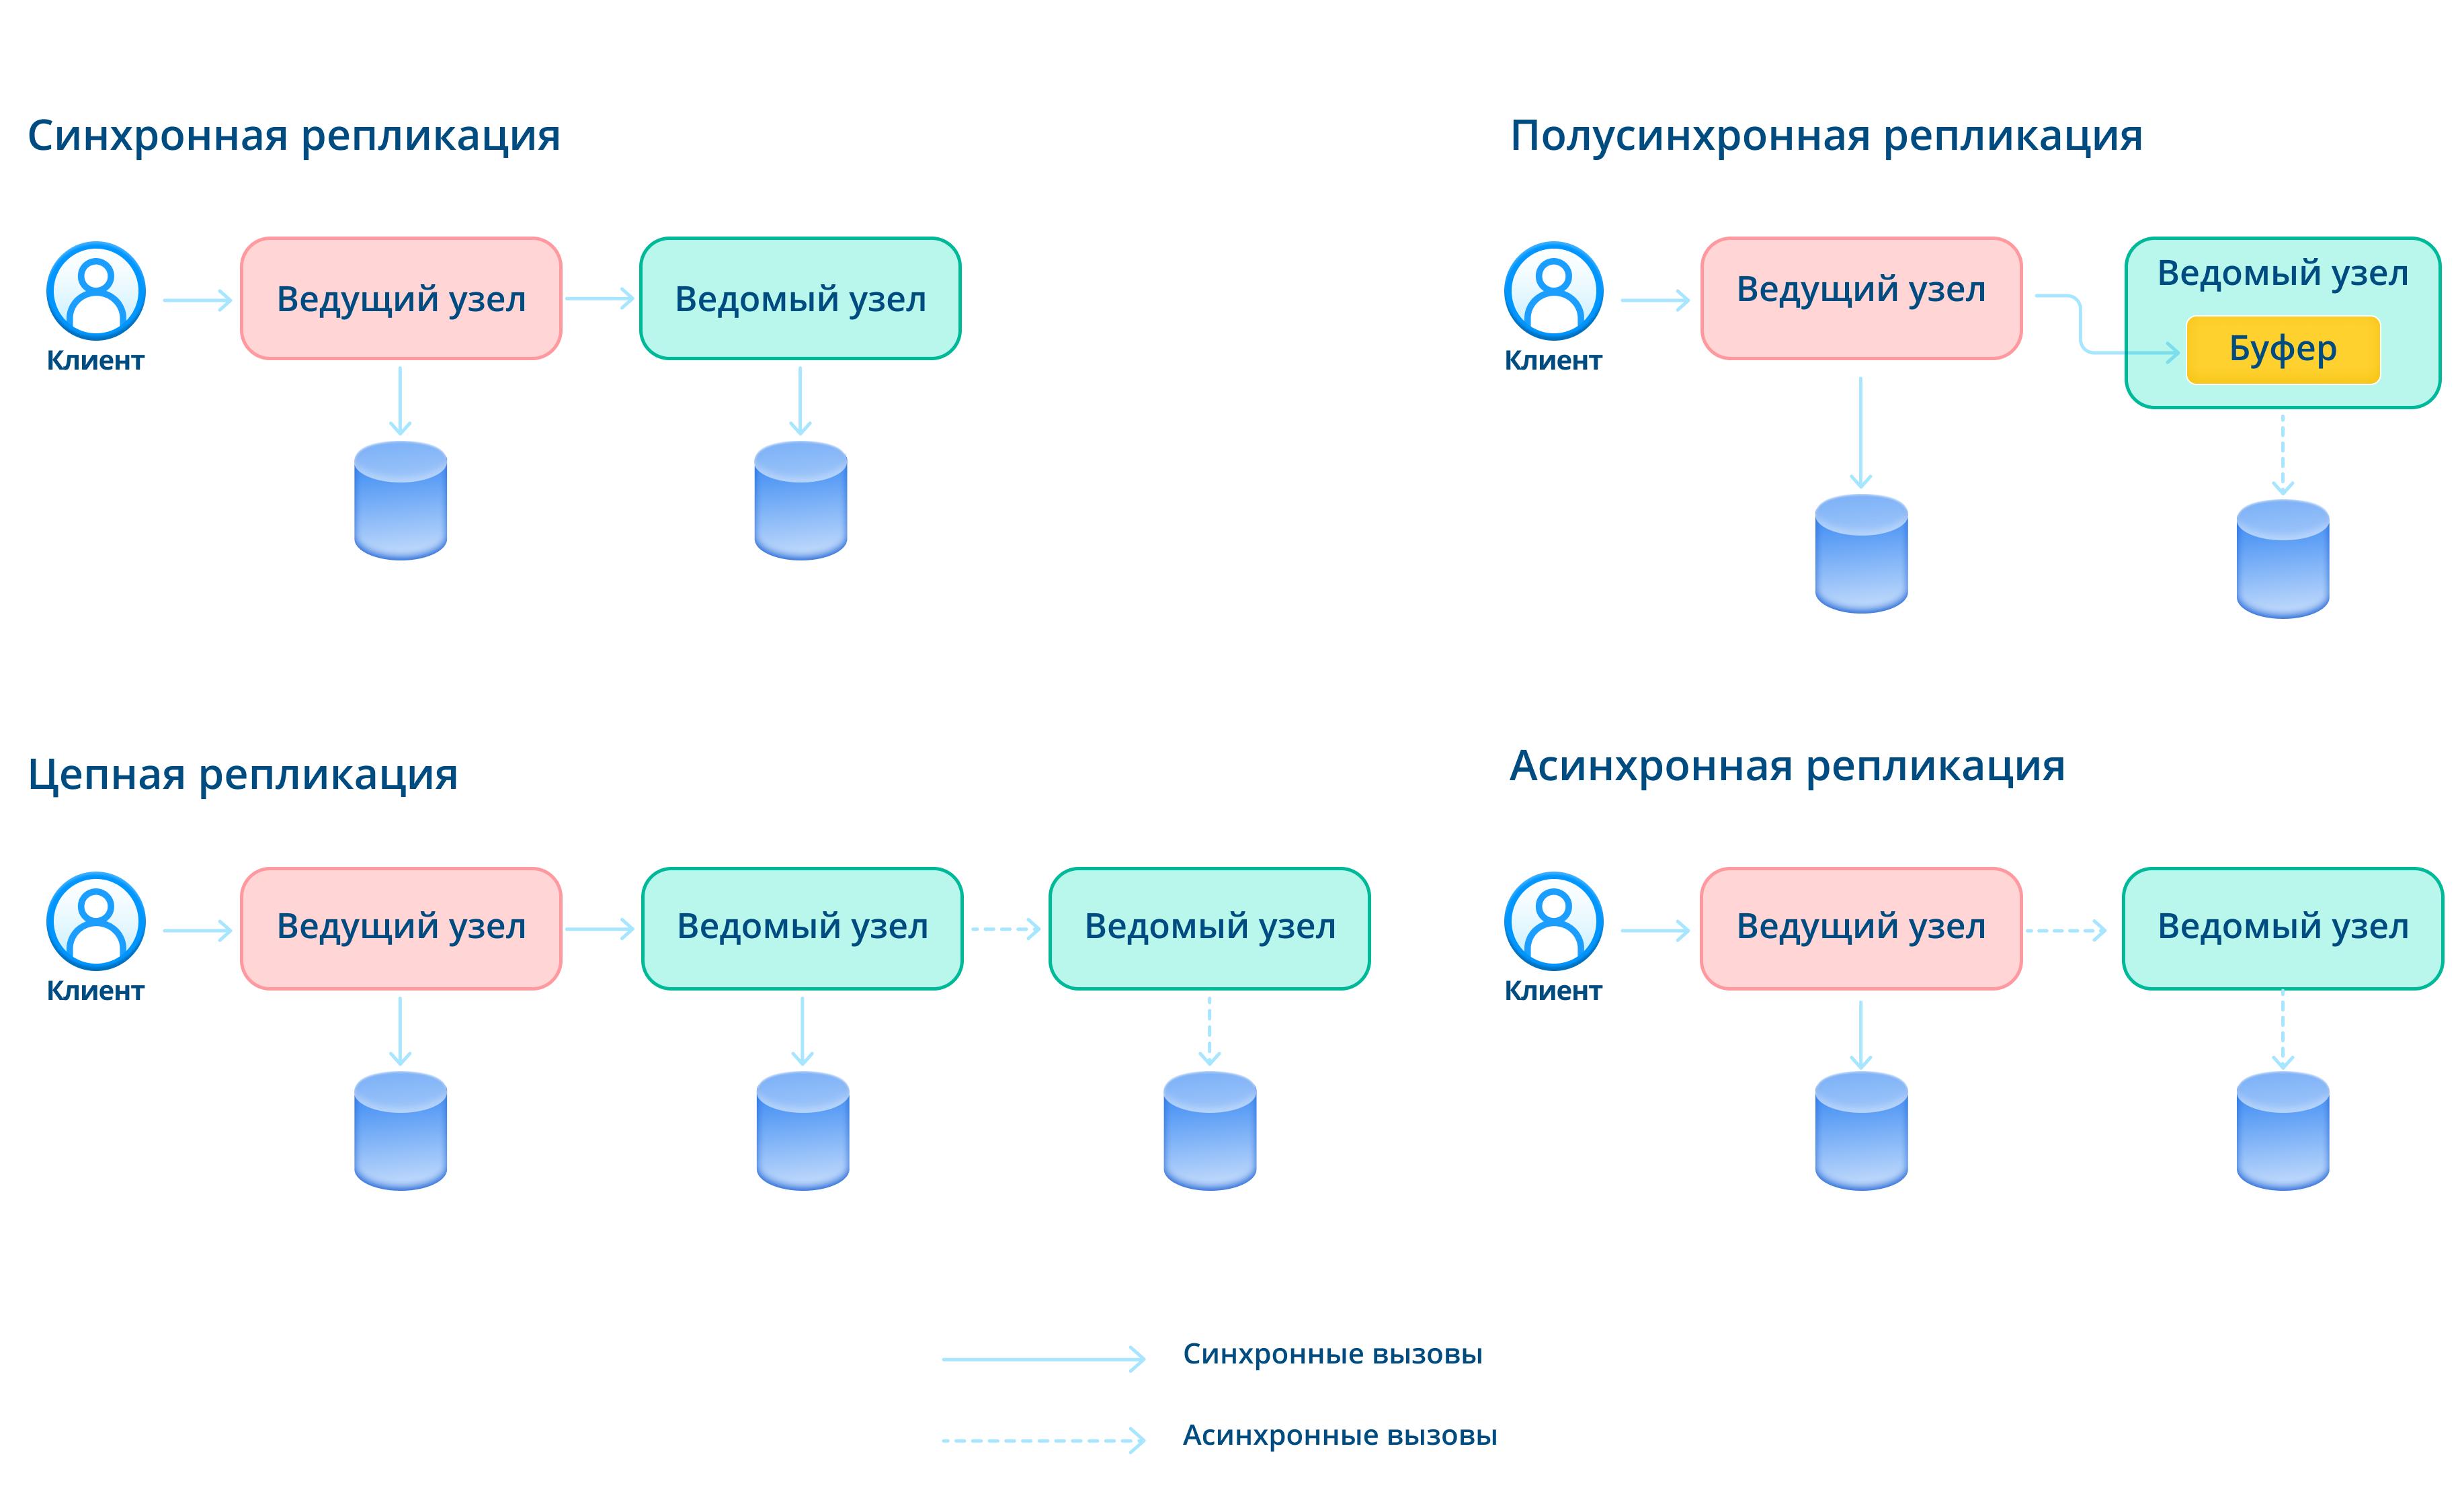 Различные варианты репликации с одним ведущим узлом.